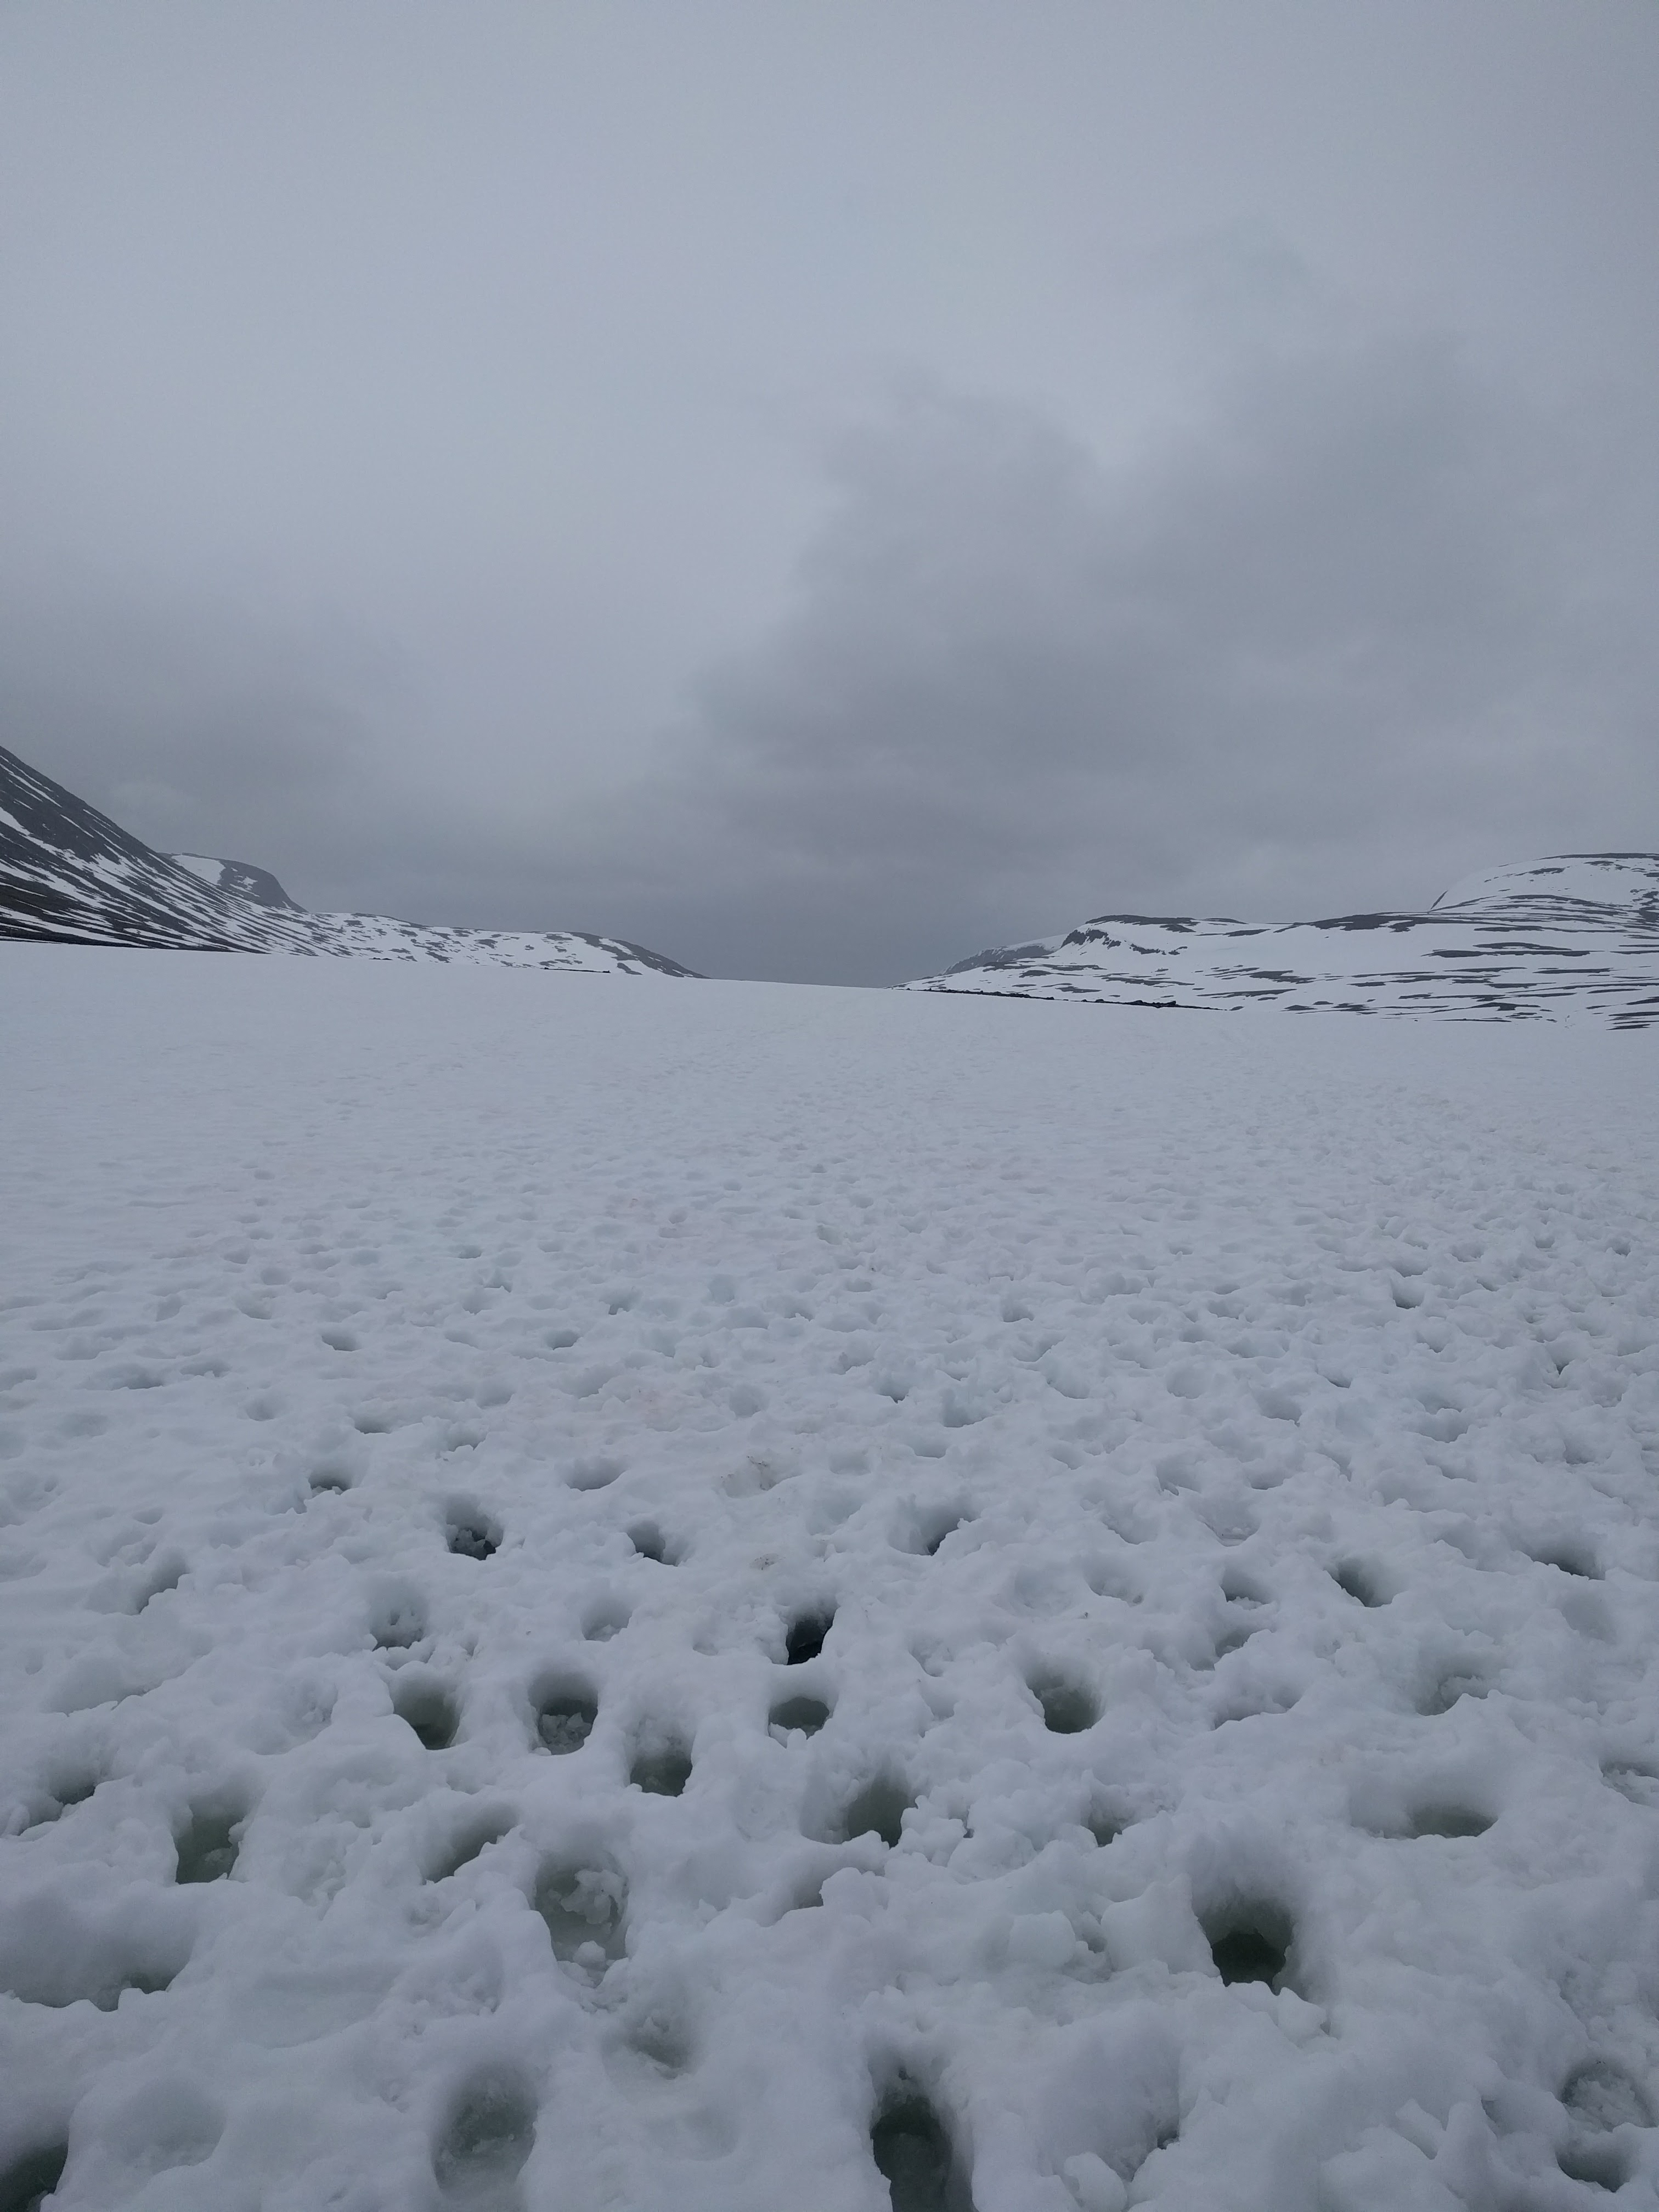 Walking up the snowy mountains to Tjäktja